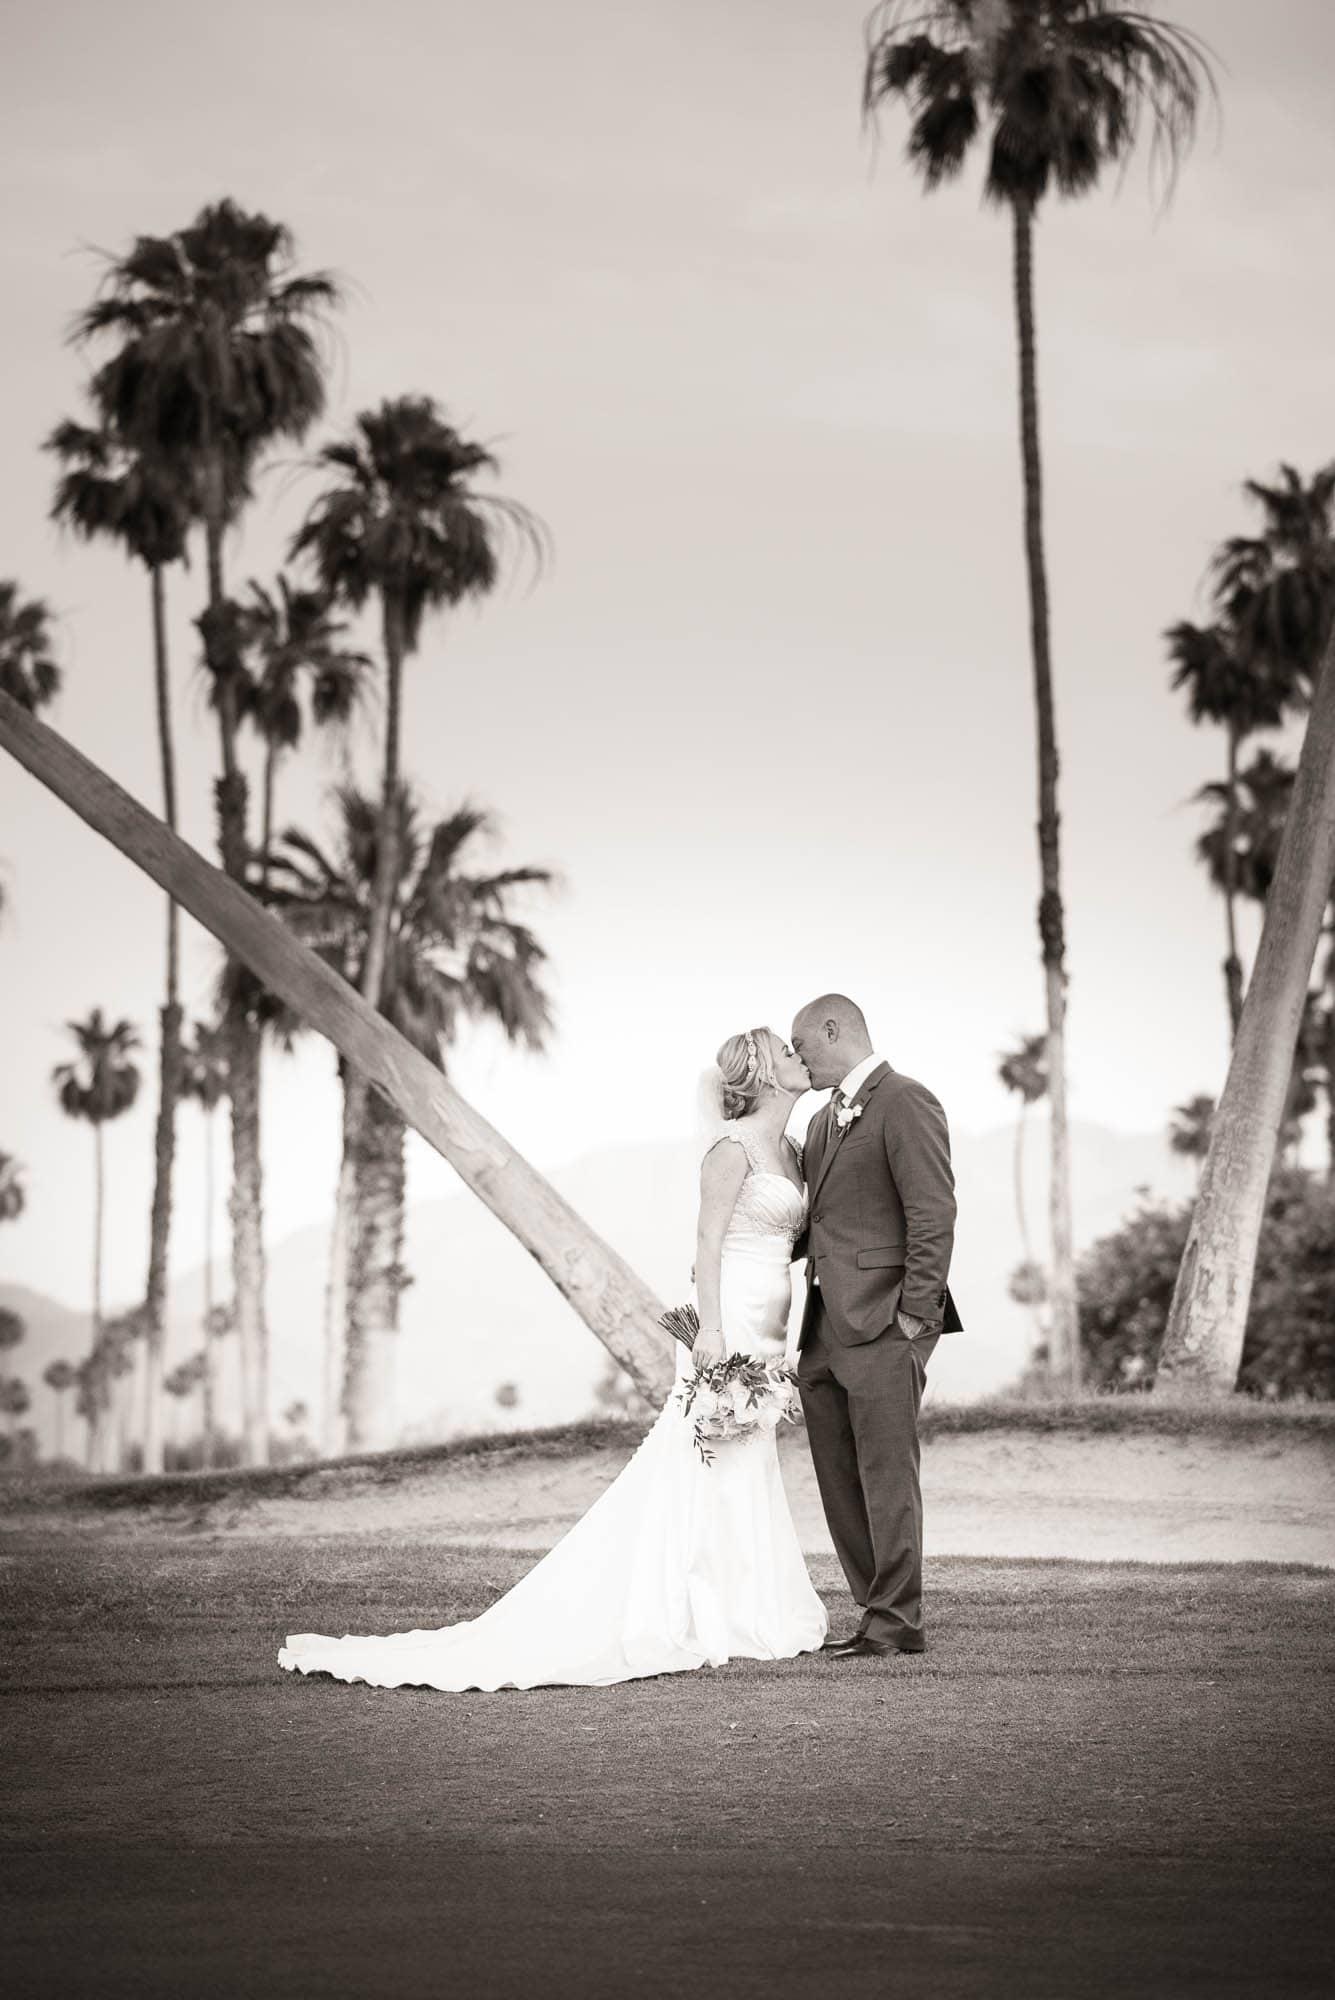 044_Alan_and_Heidi_Wedding_Amanda_Chad